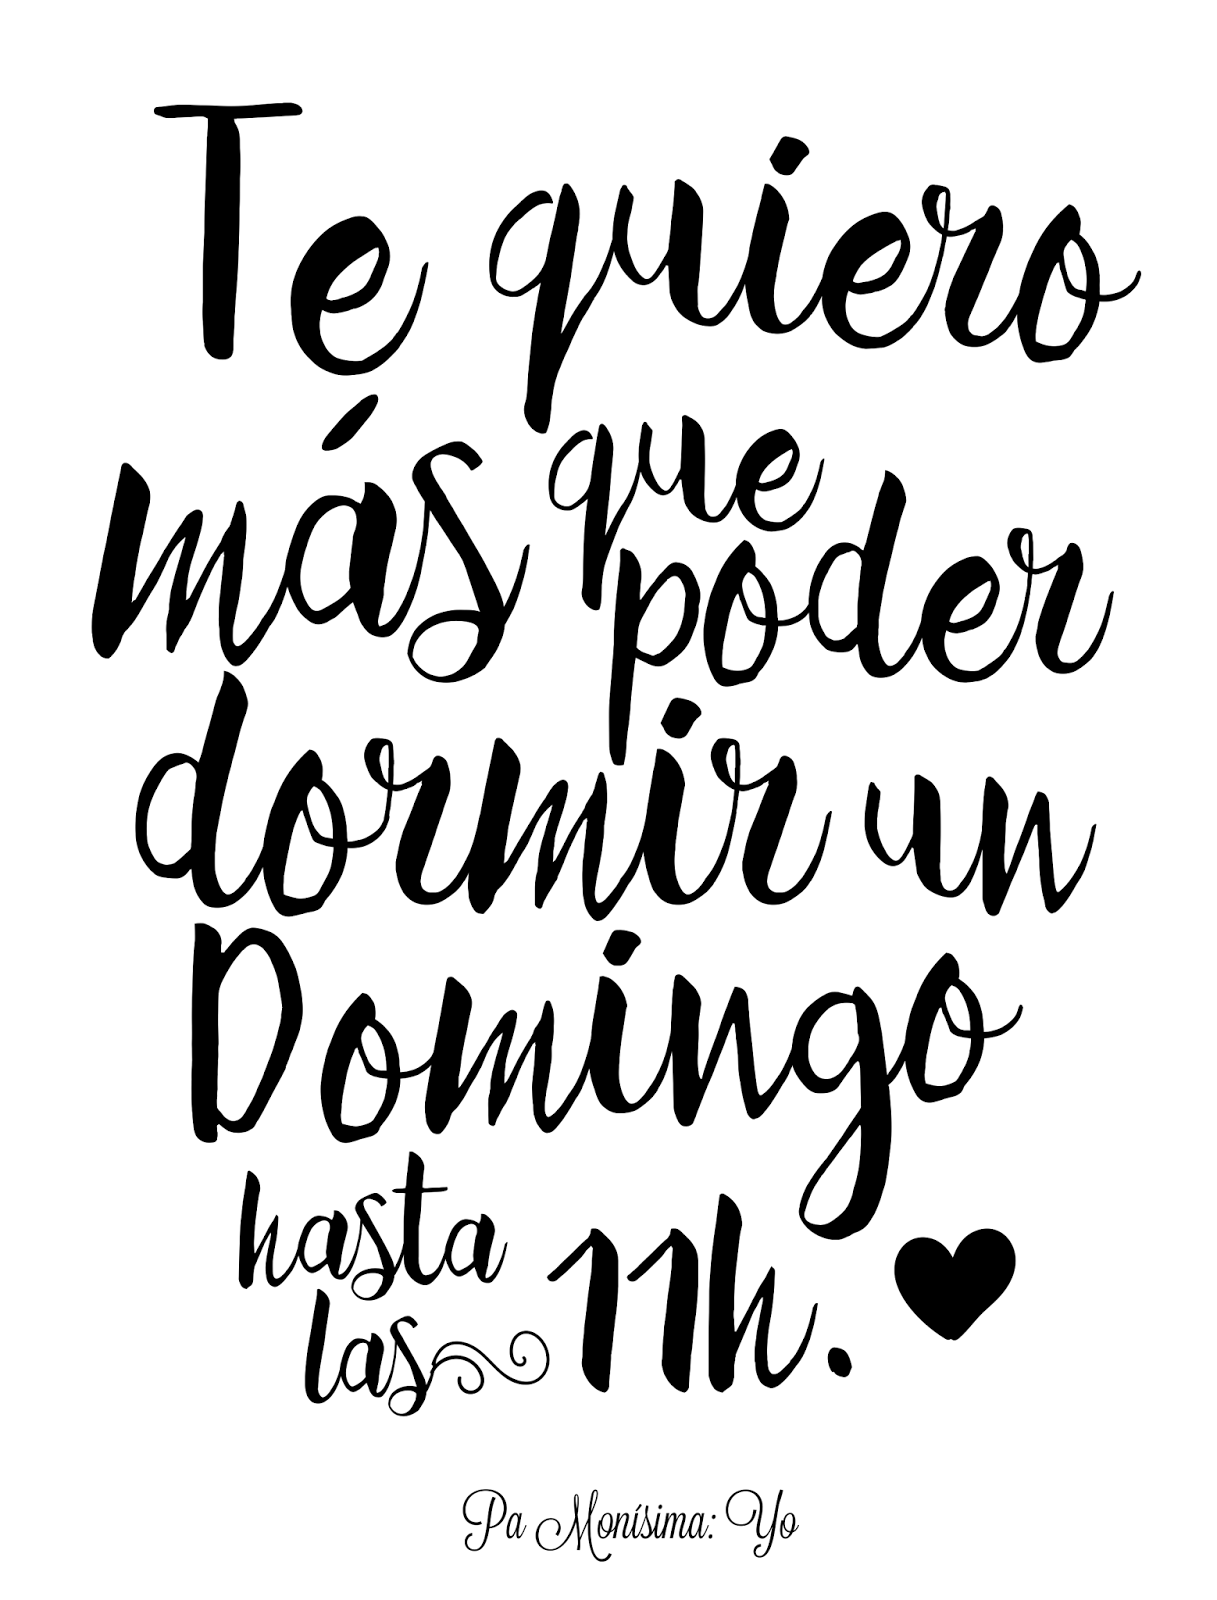 Tarjetas para San Valentn Más Frases GraciosasFrases